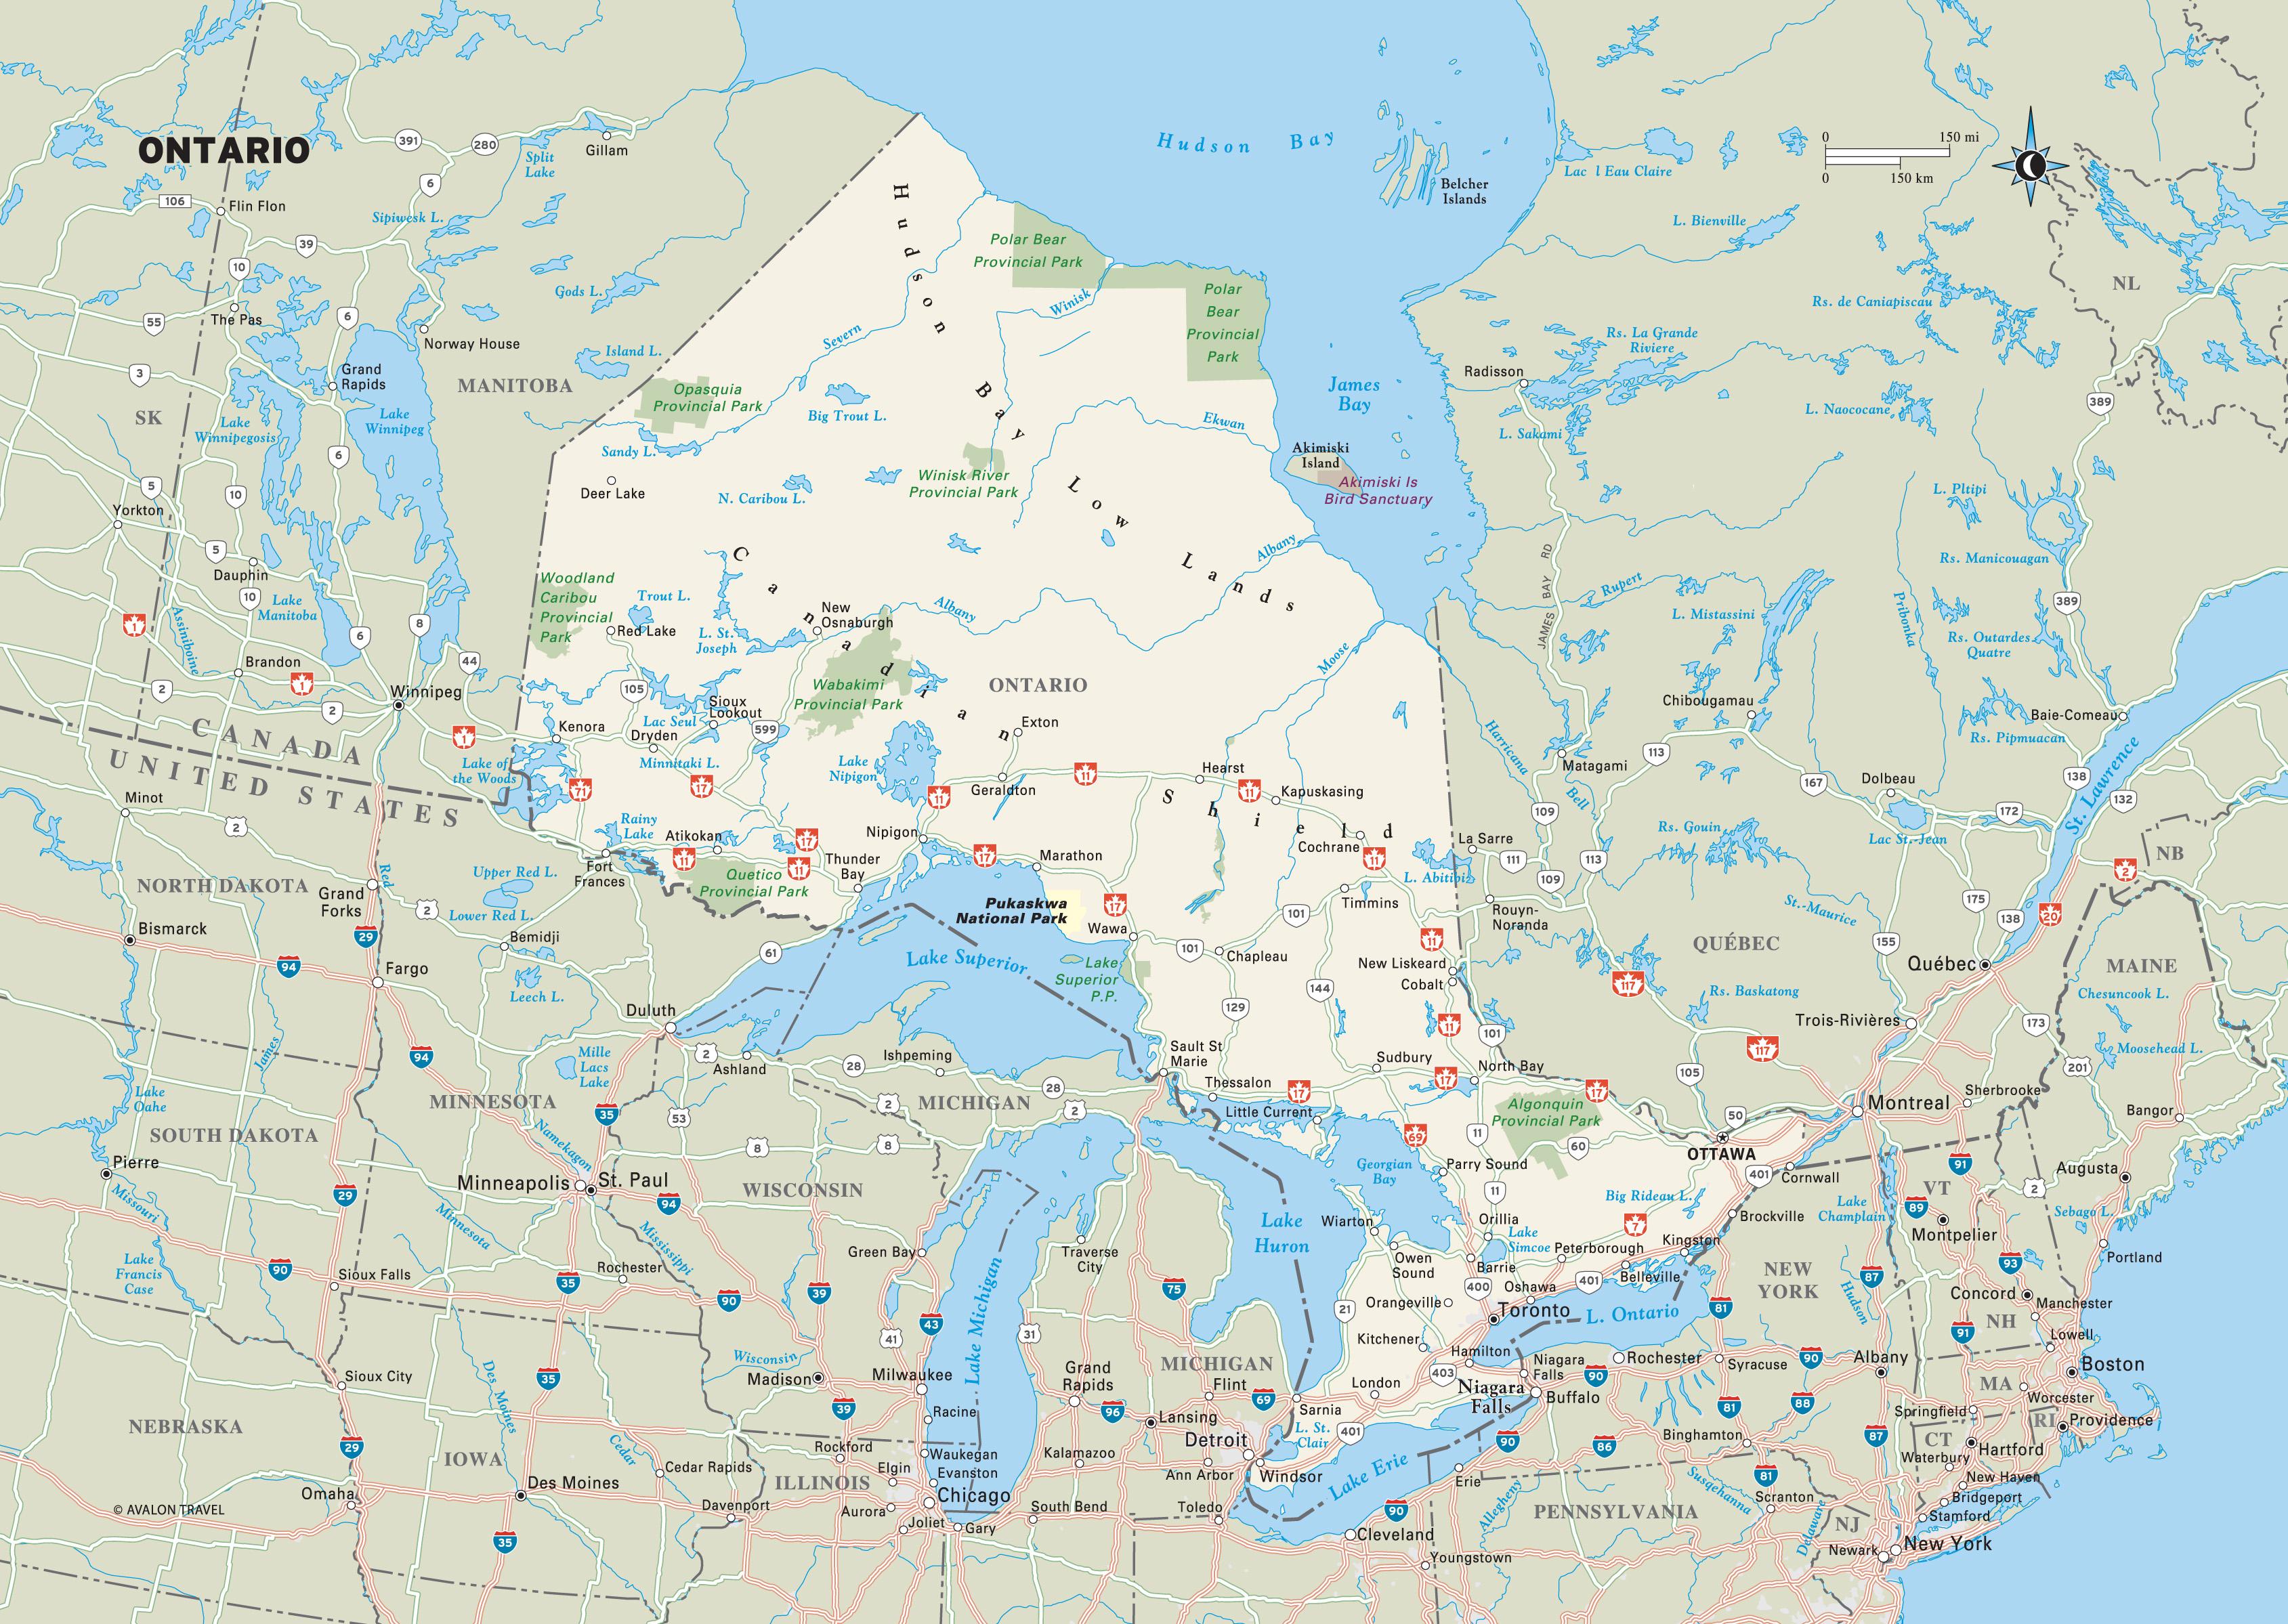 Chris Henrick Cartography